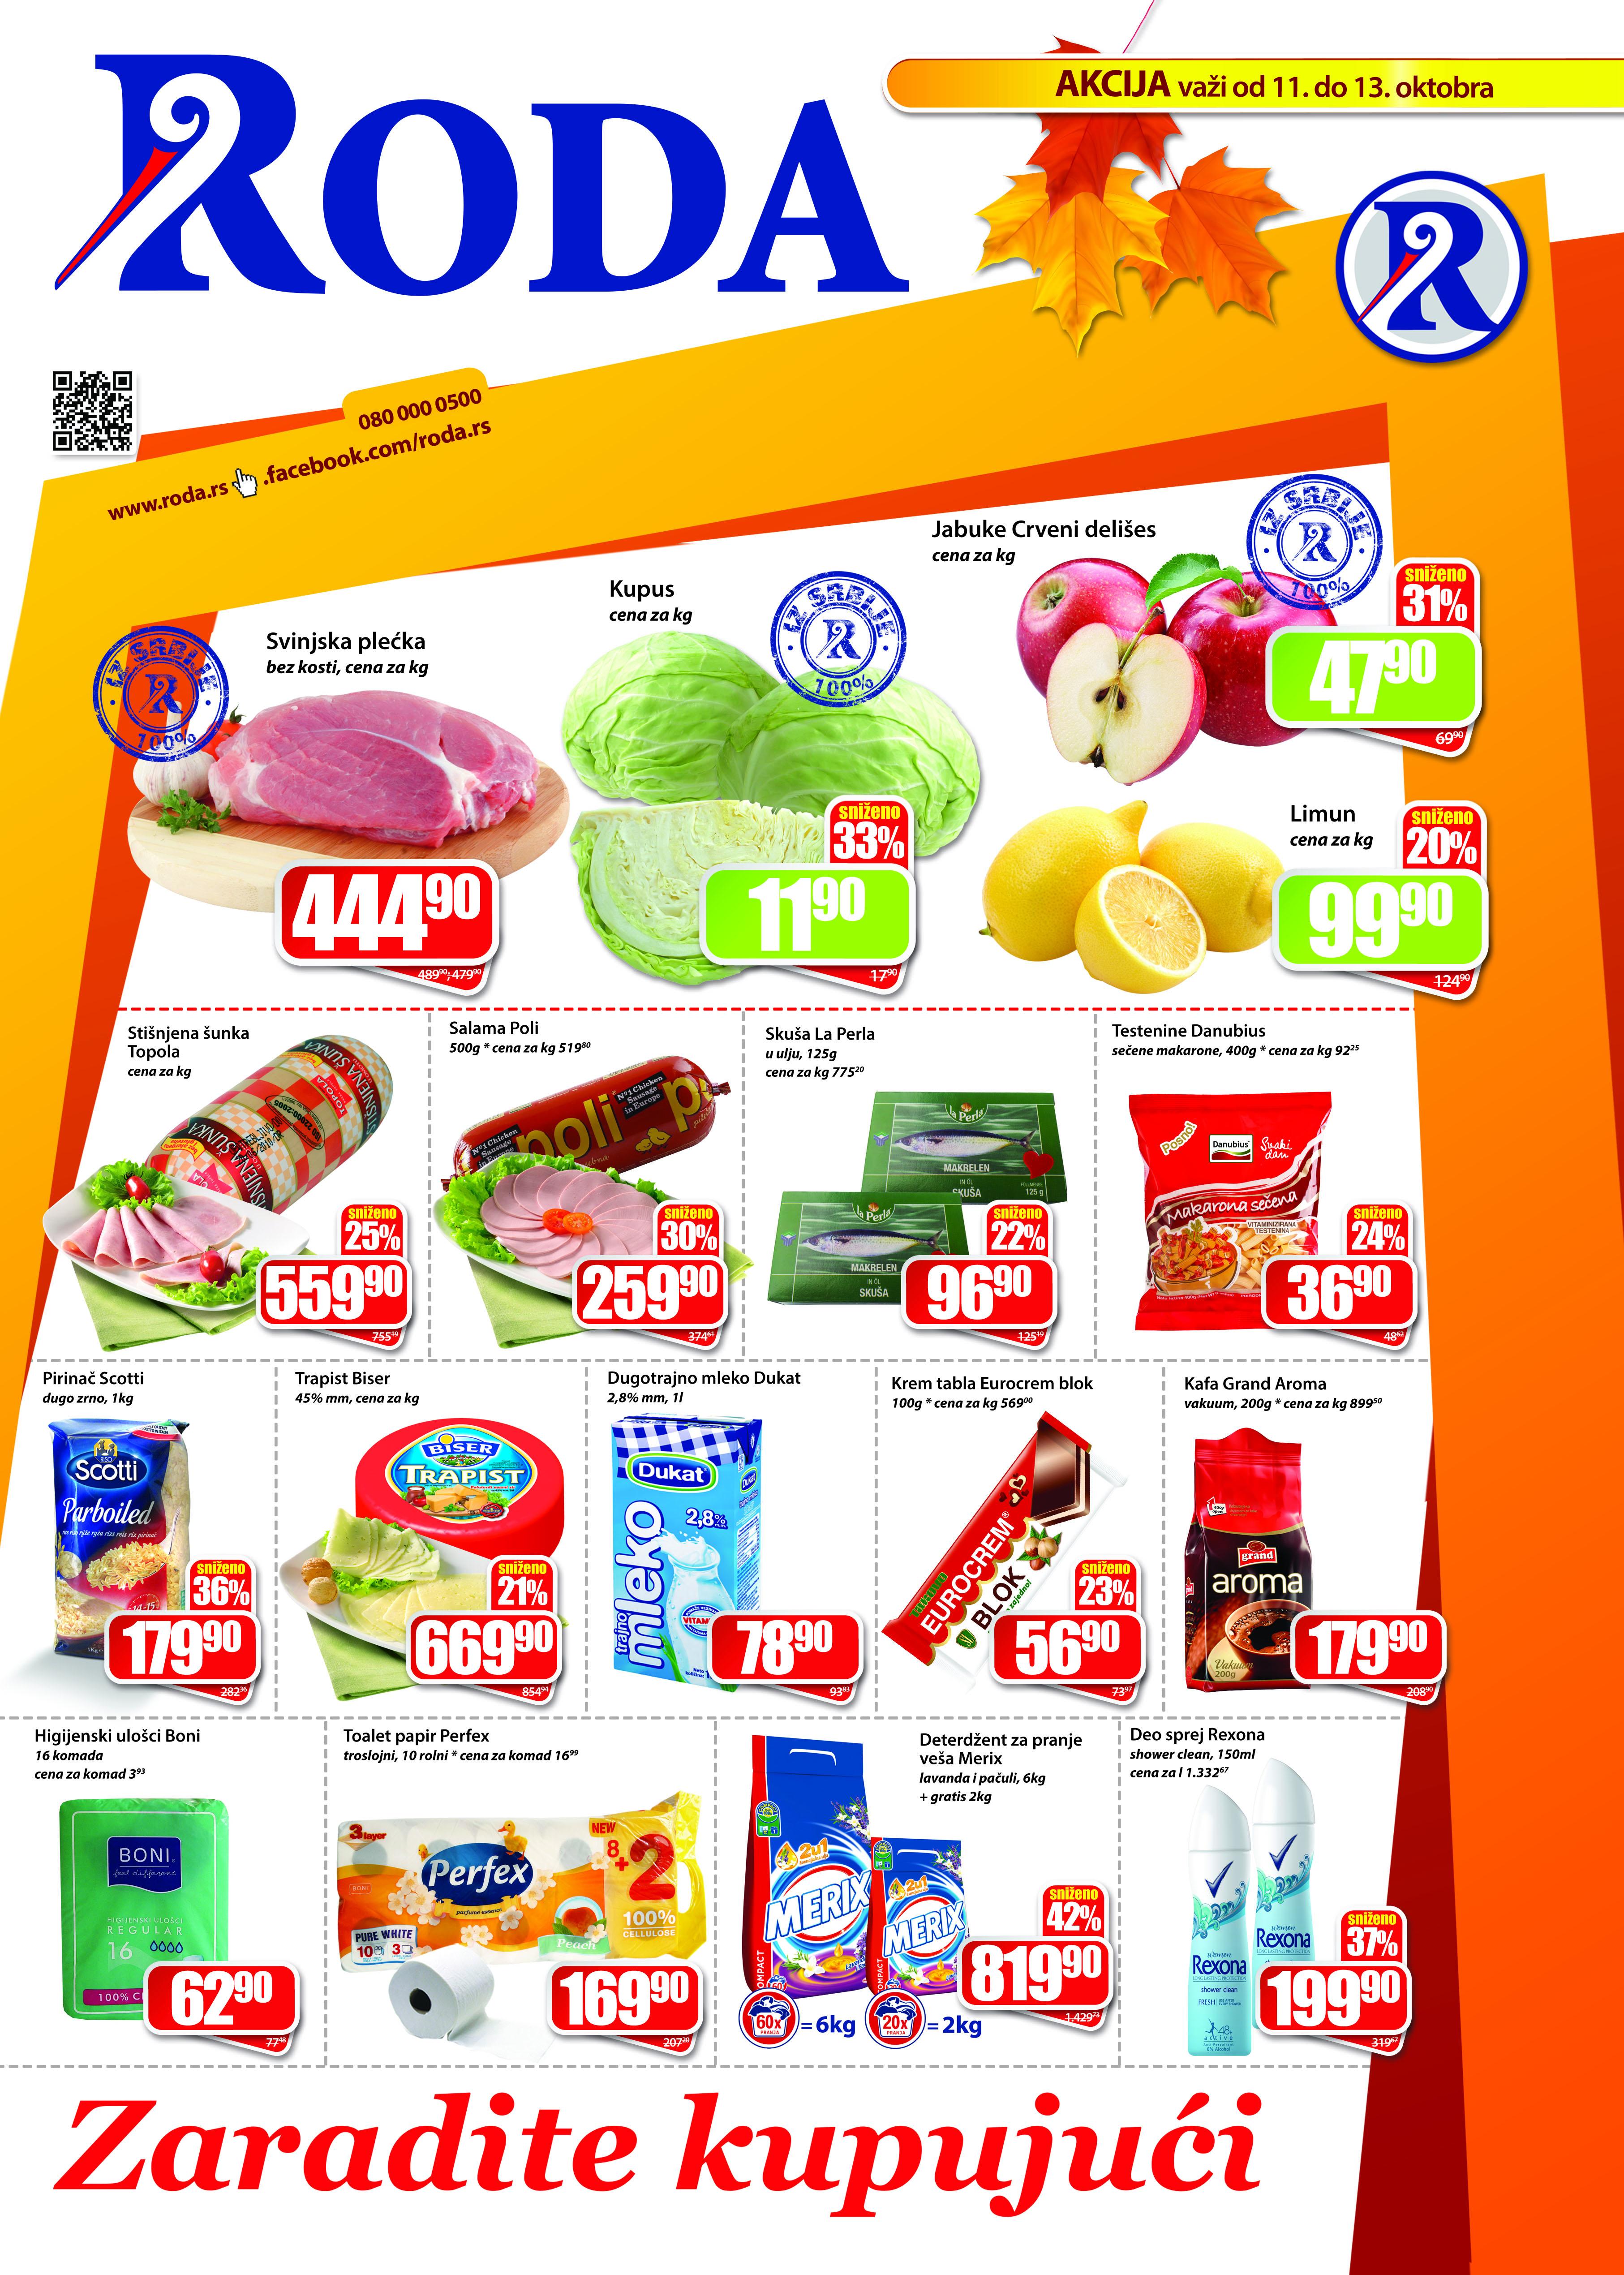 Roda katalog vikend akcija super cena